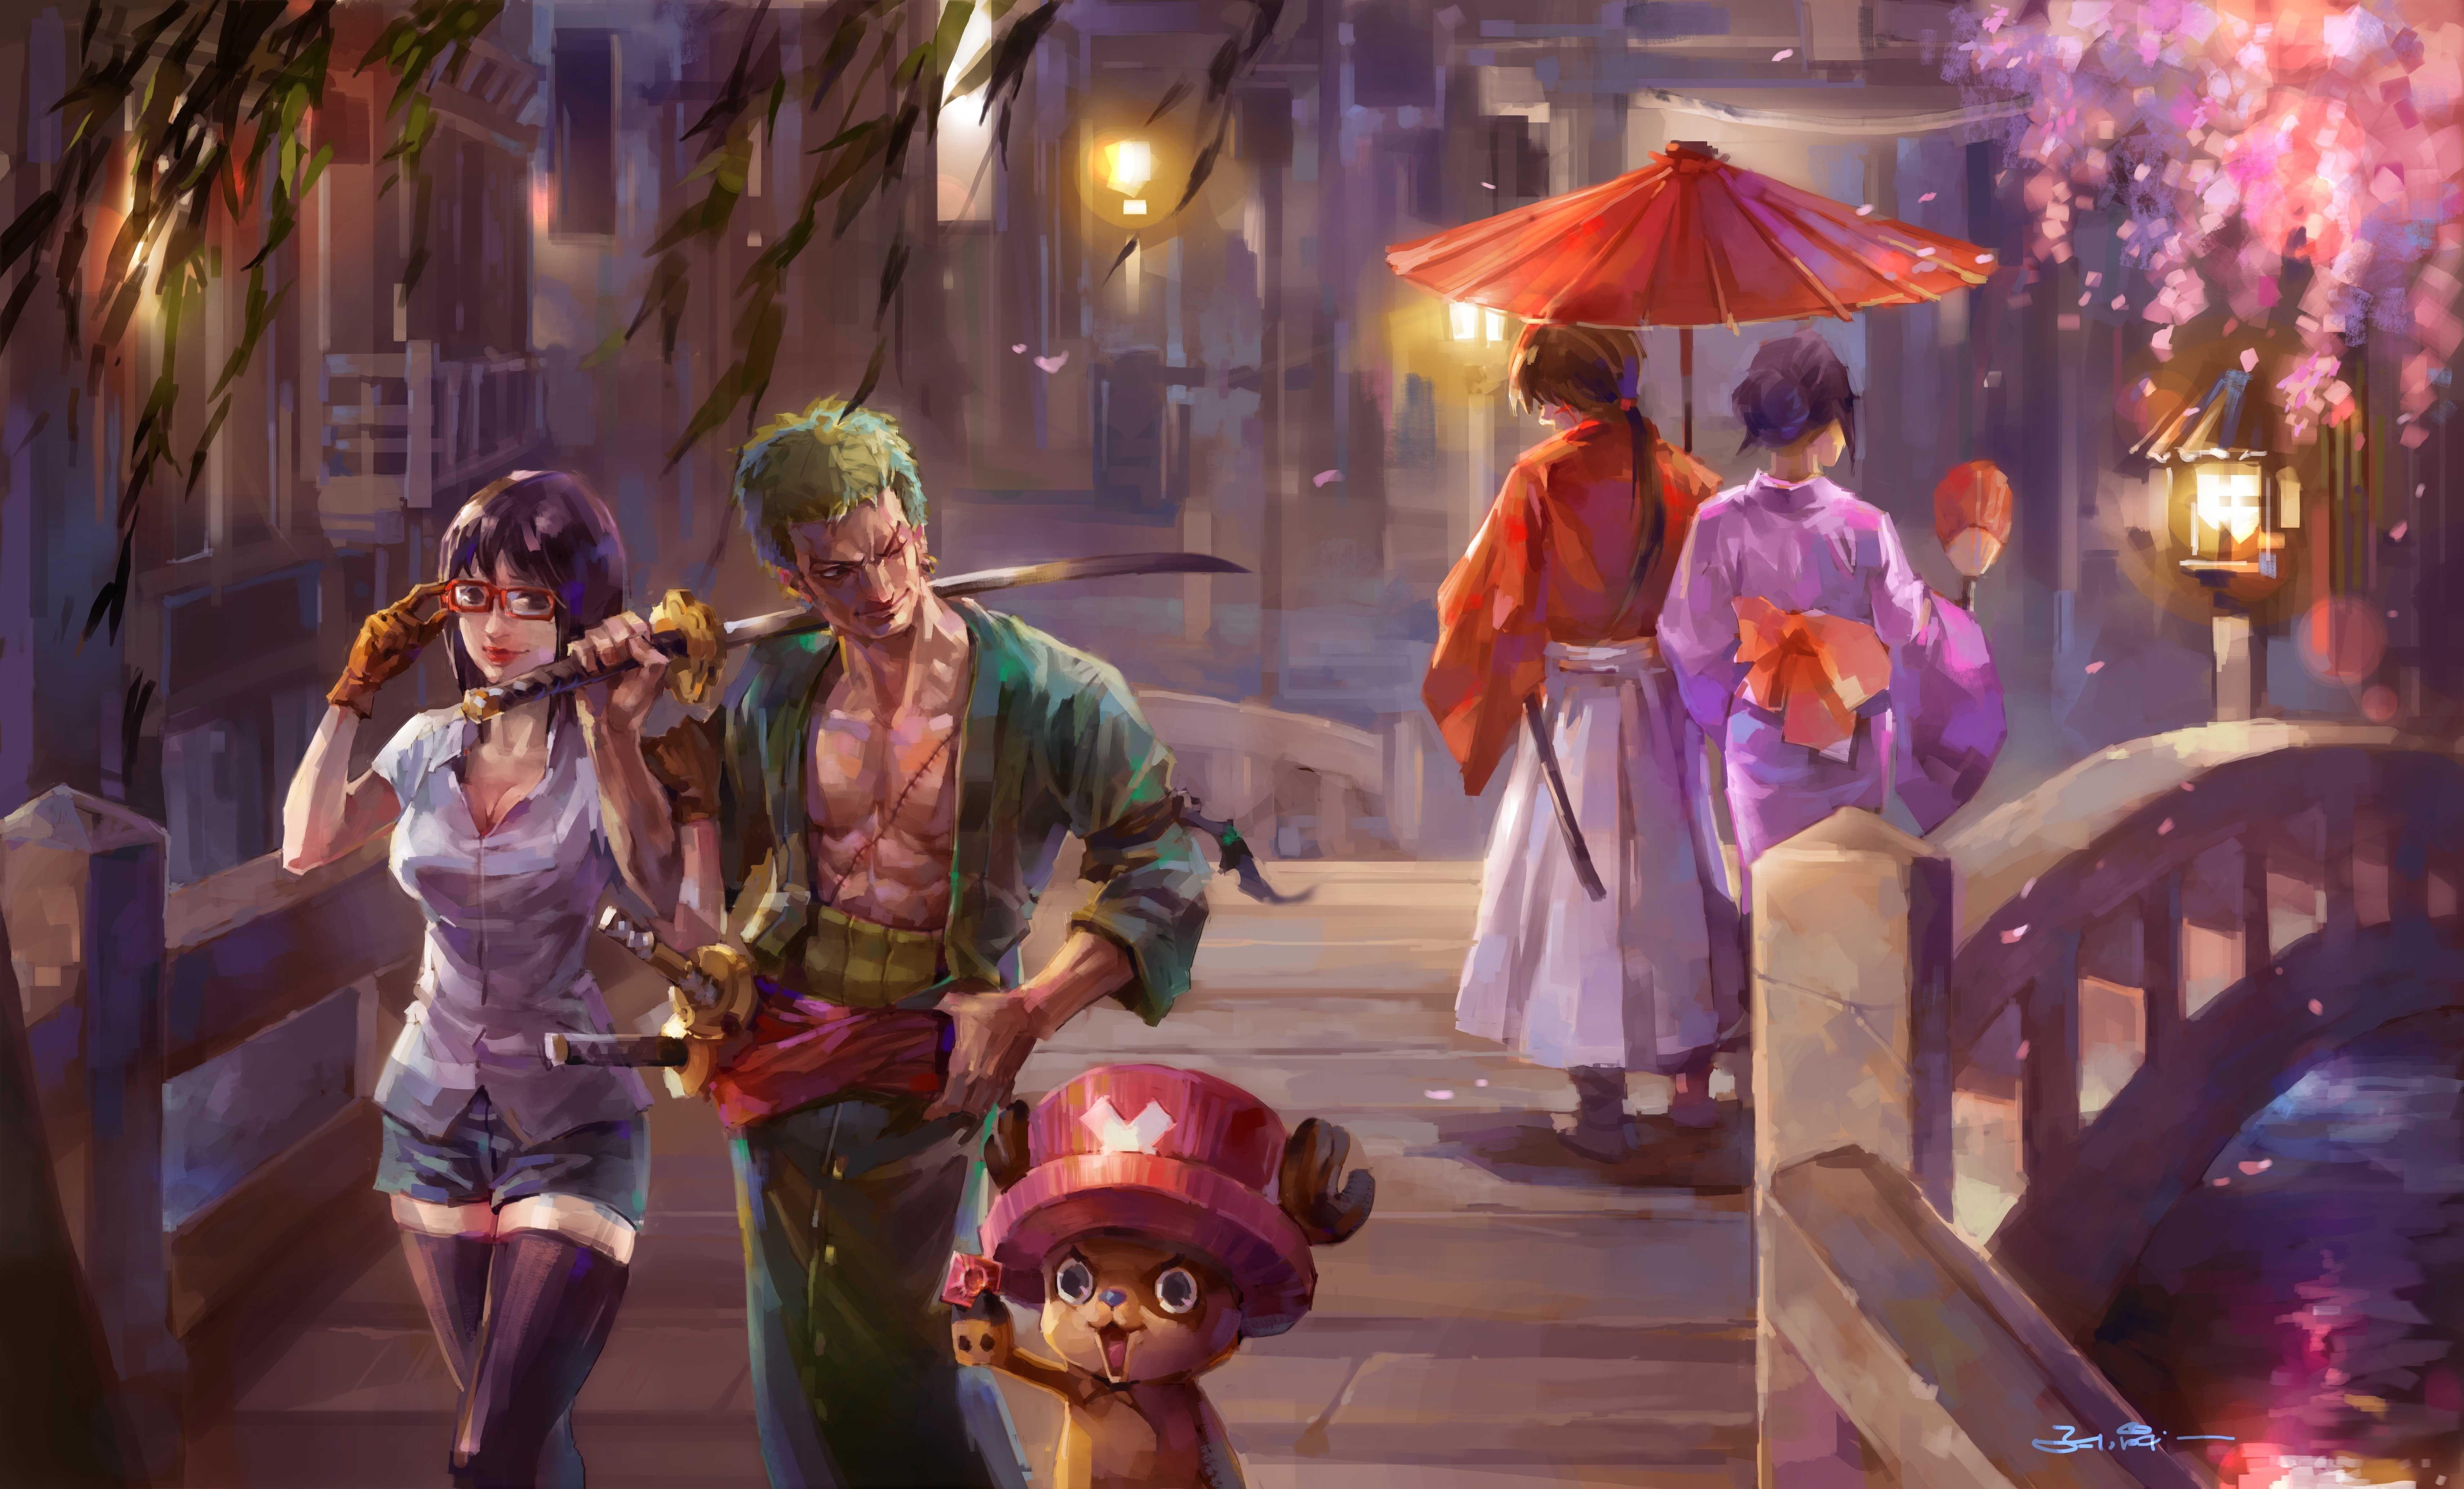 Anime Crossover Kenshin Himura One Piece Rurouni Kenshin Tashigi 6840x4134